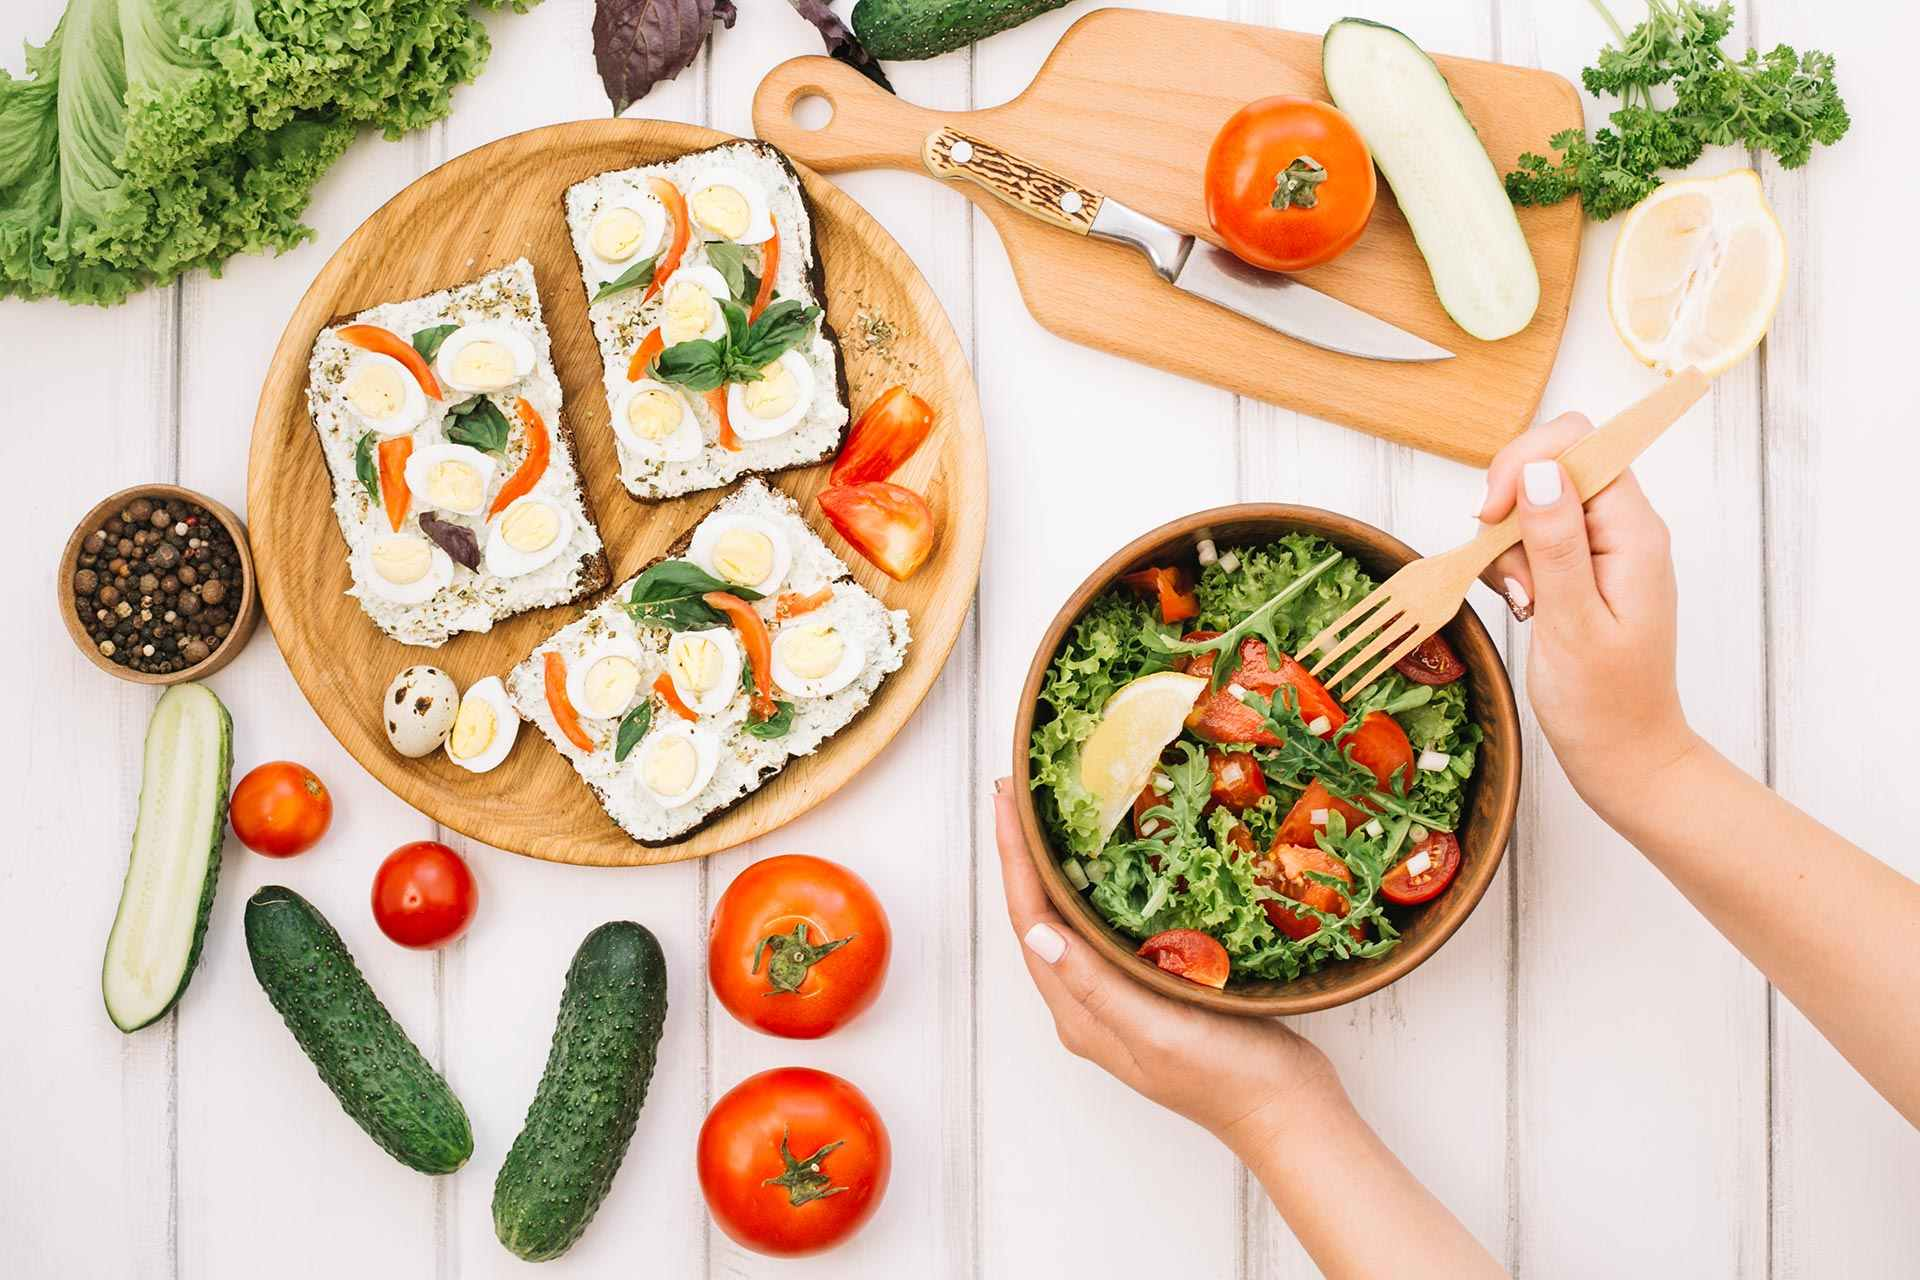 healthy food programs